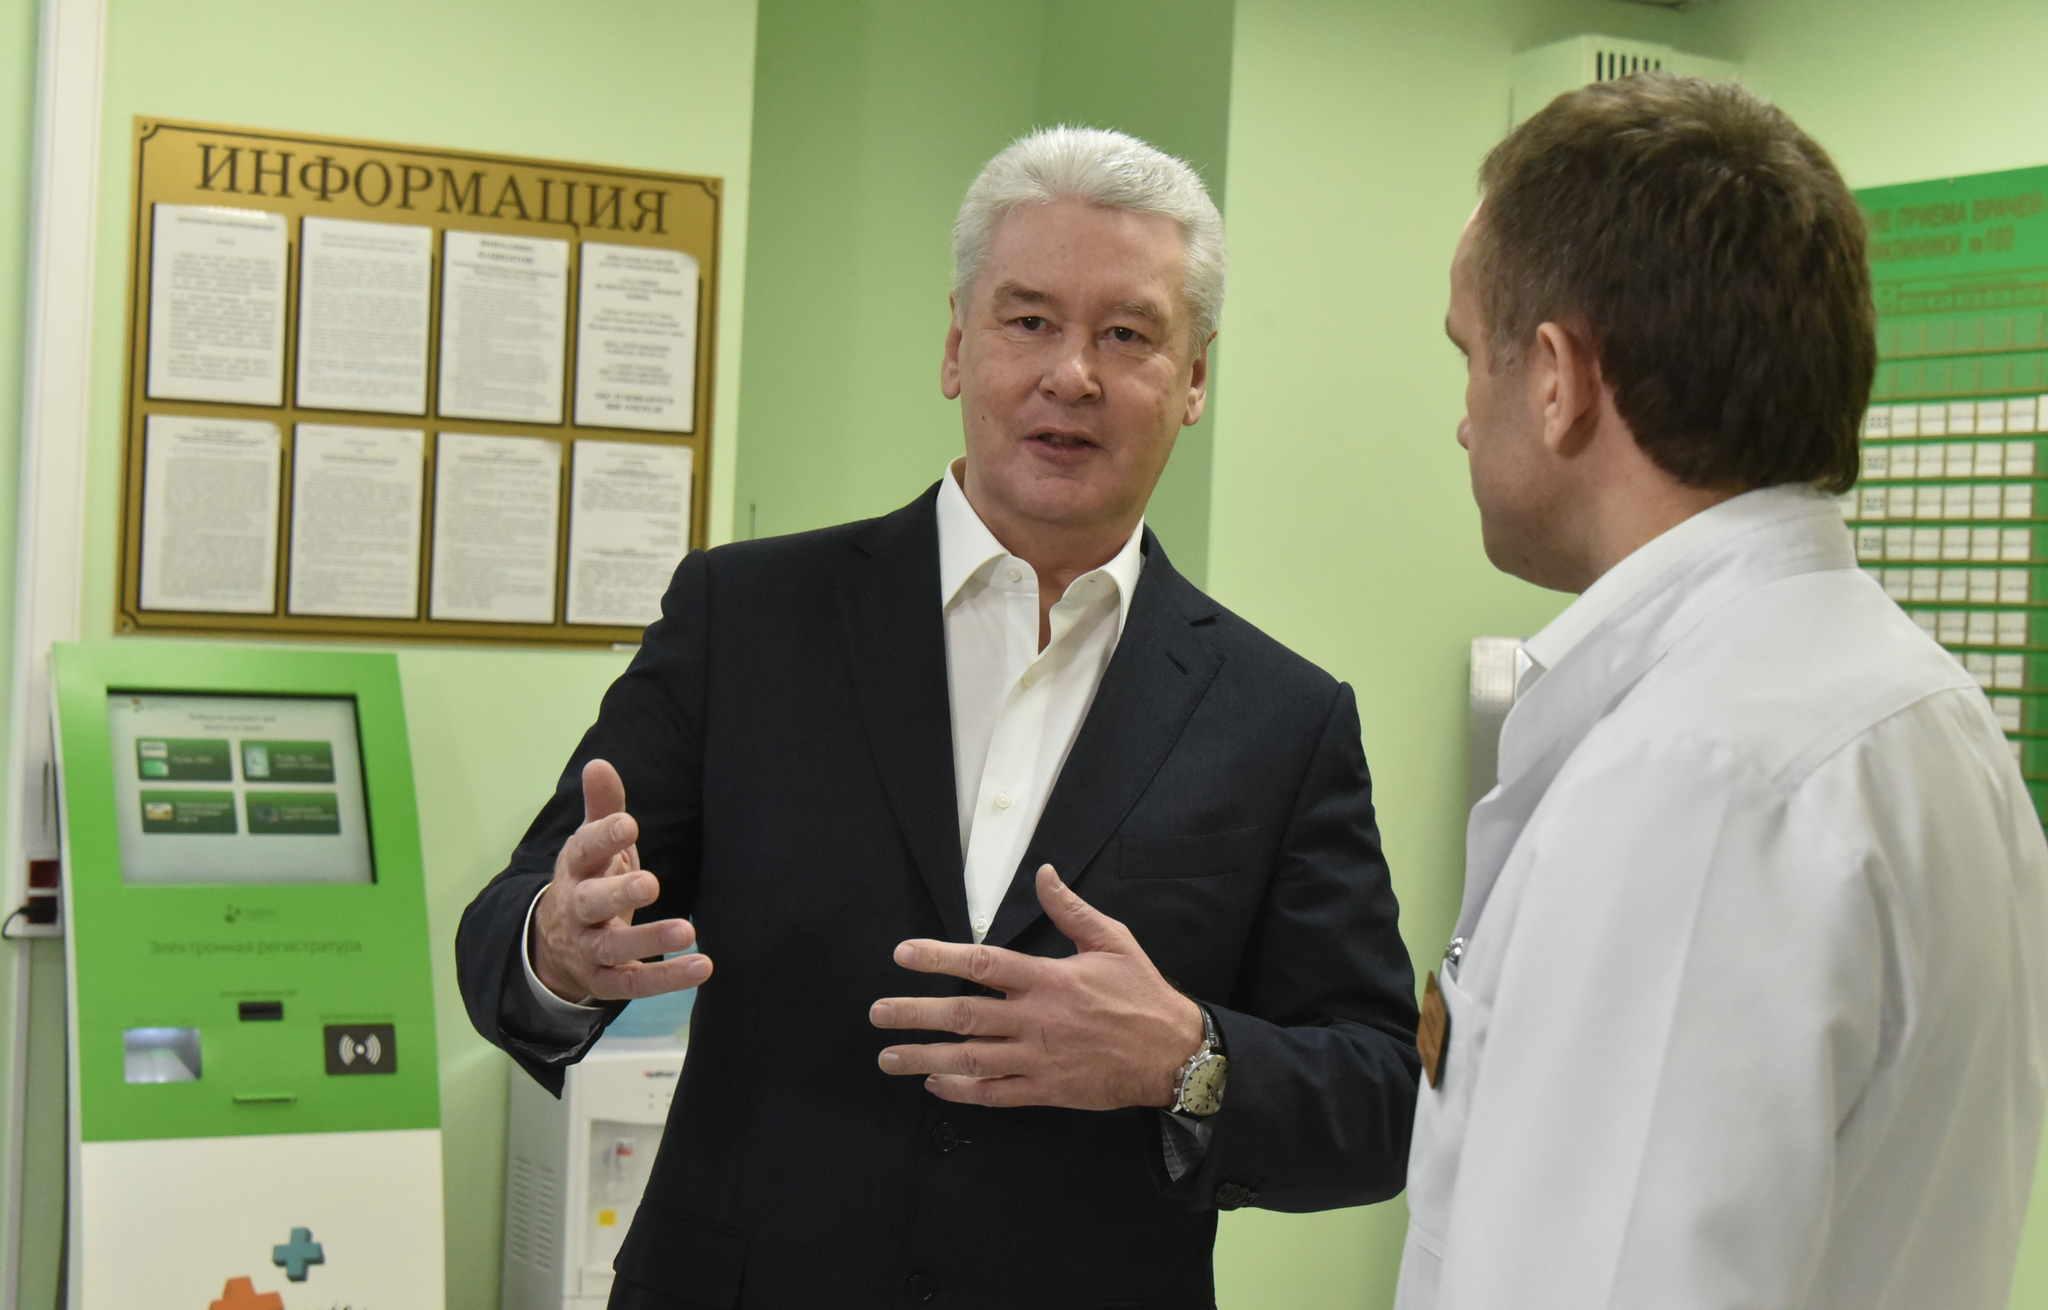 Сергей Собянин поздравил москвичей с Днем медика